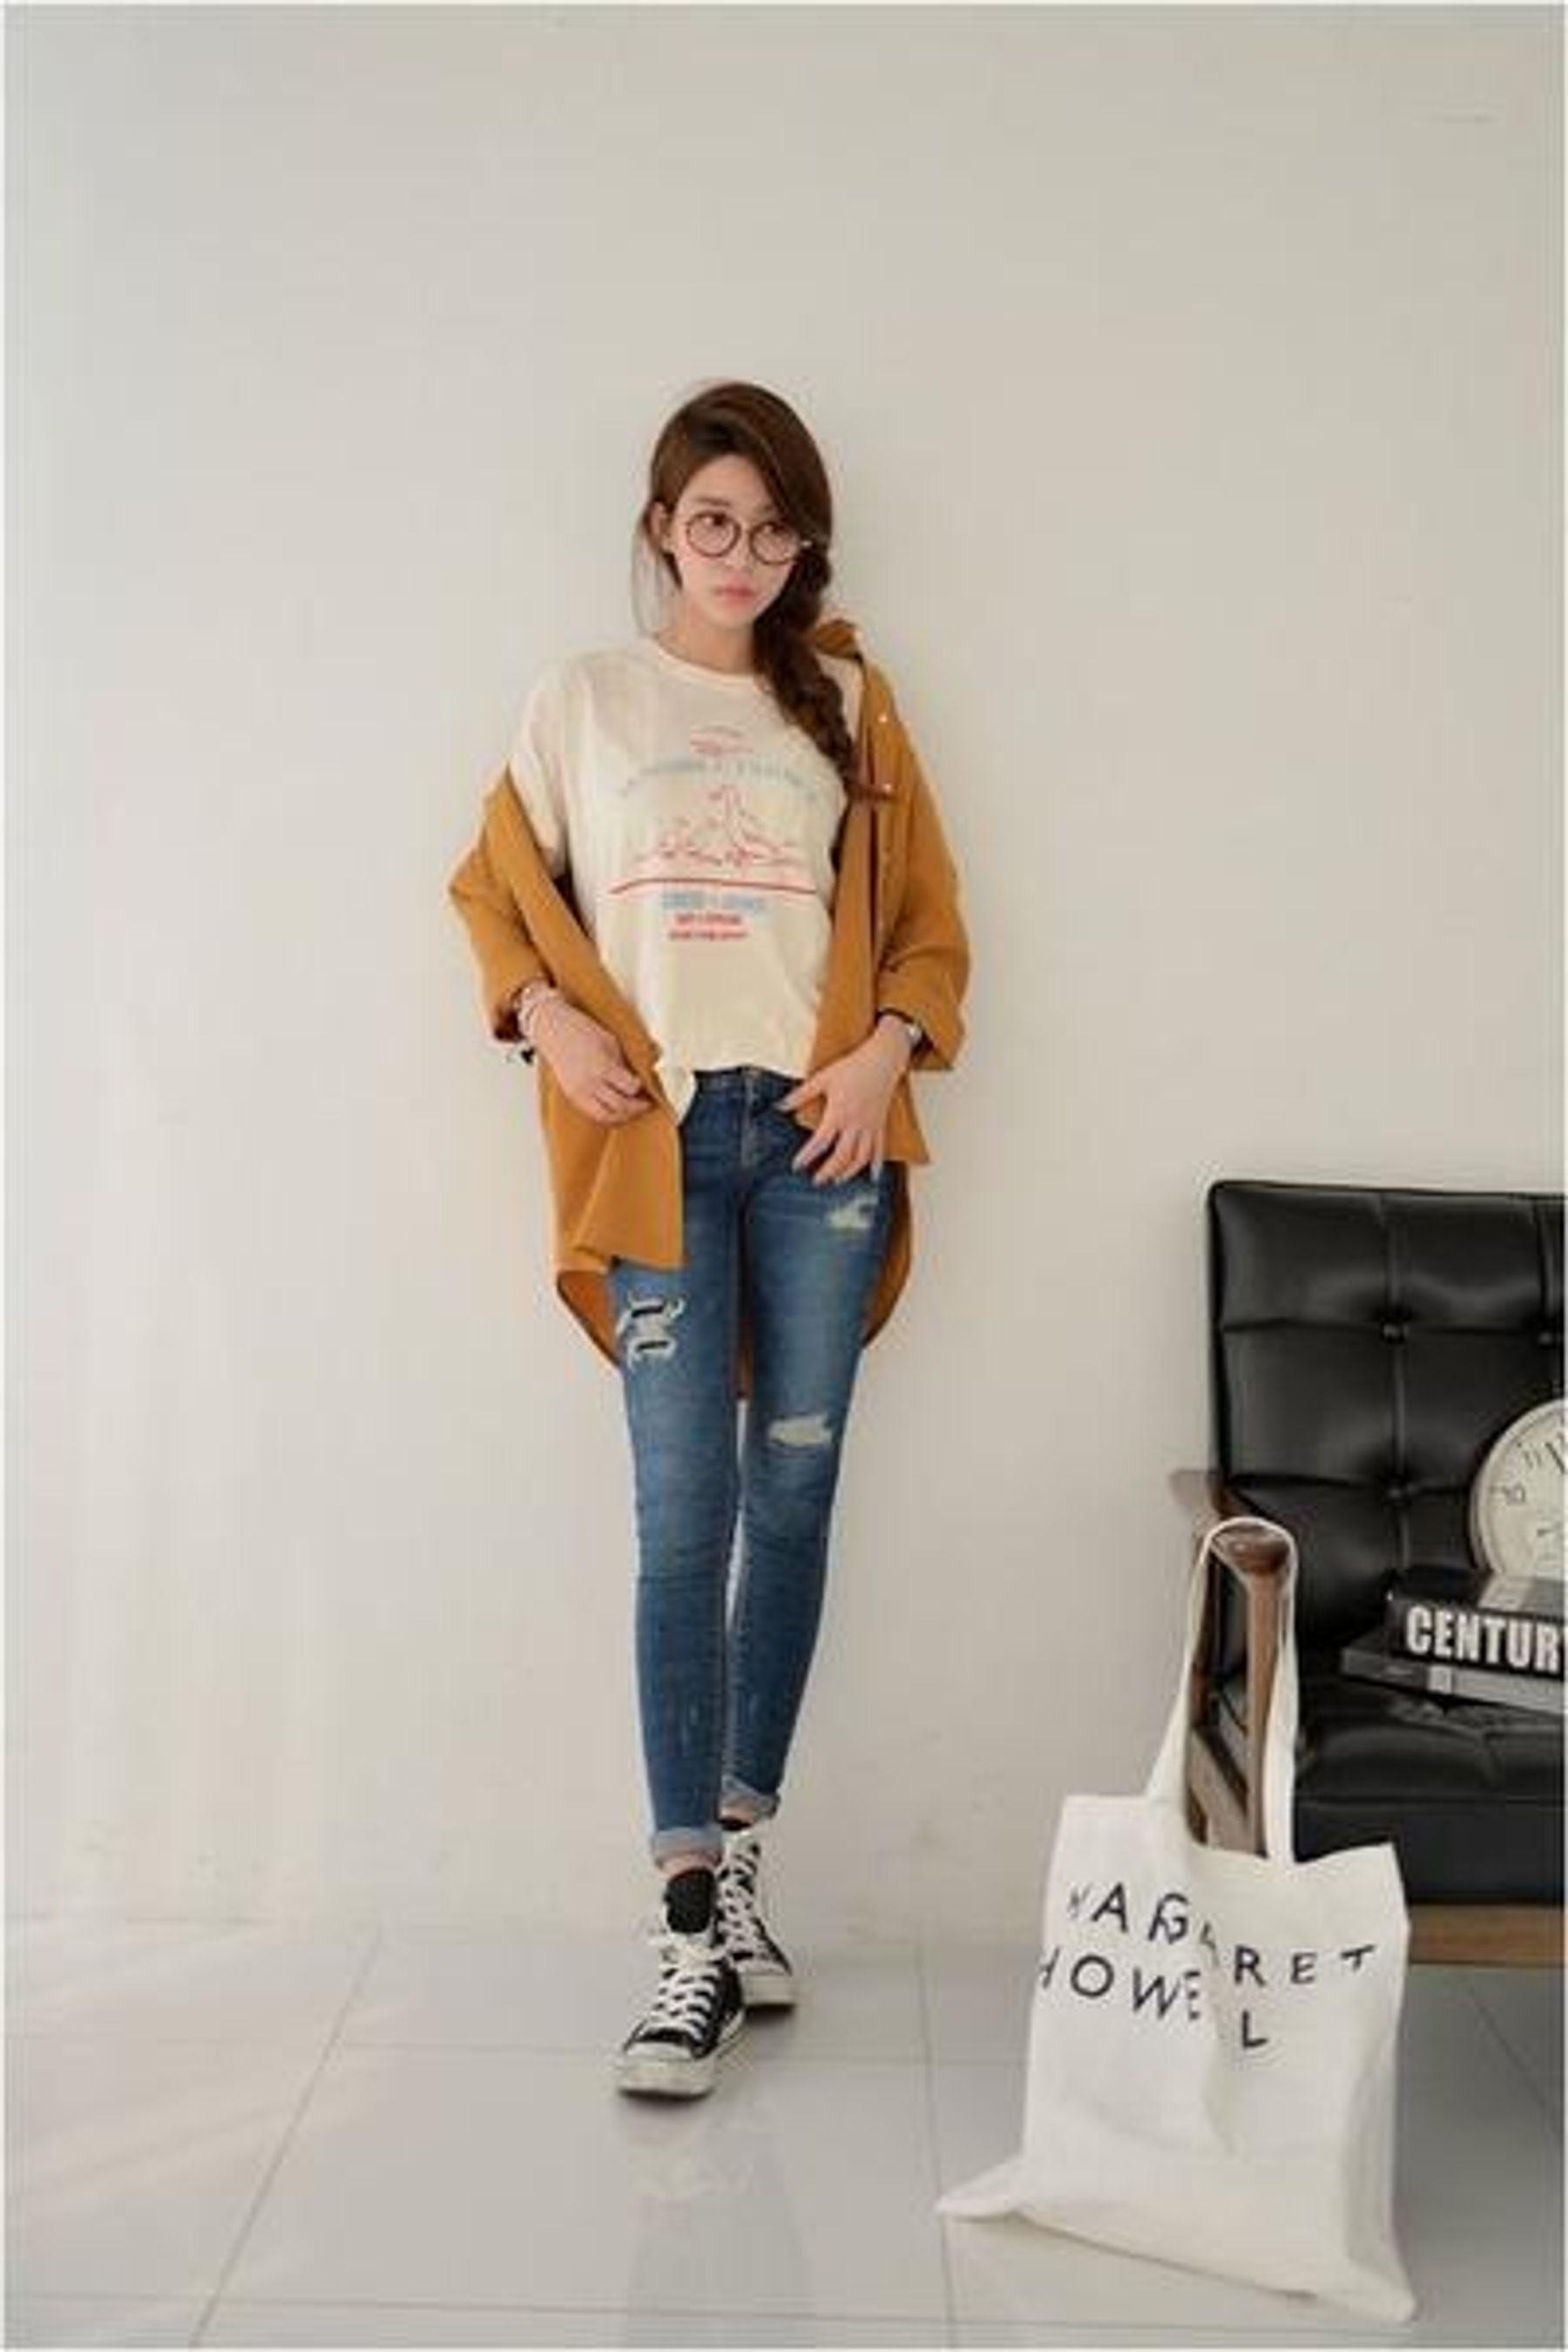 Giày converse cổ cao với quần jean baggy và áo khoác cardigan